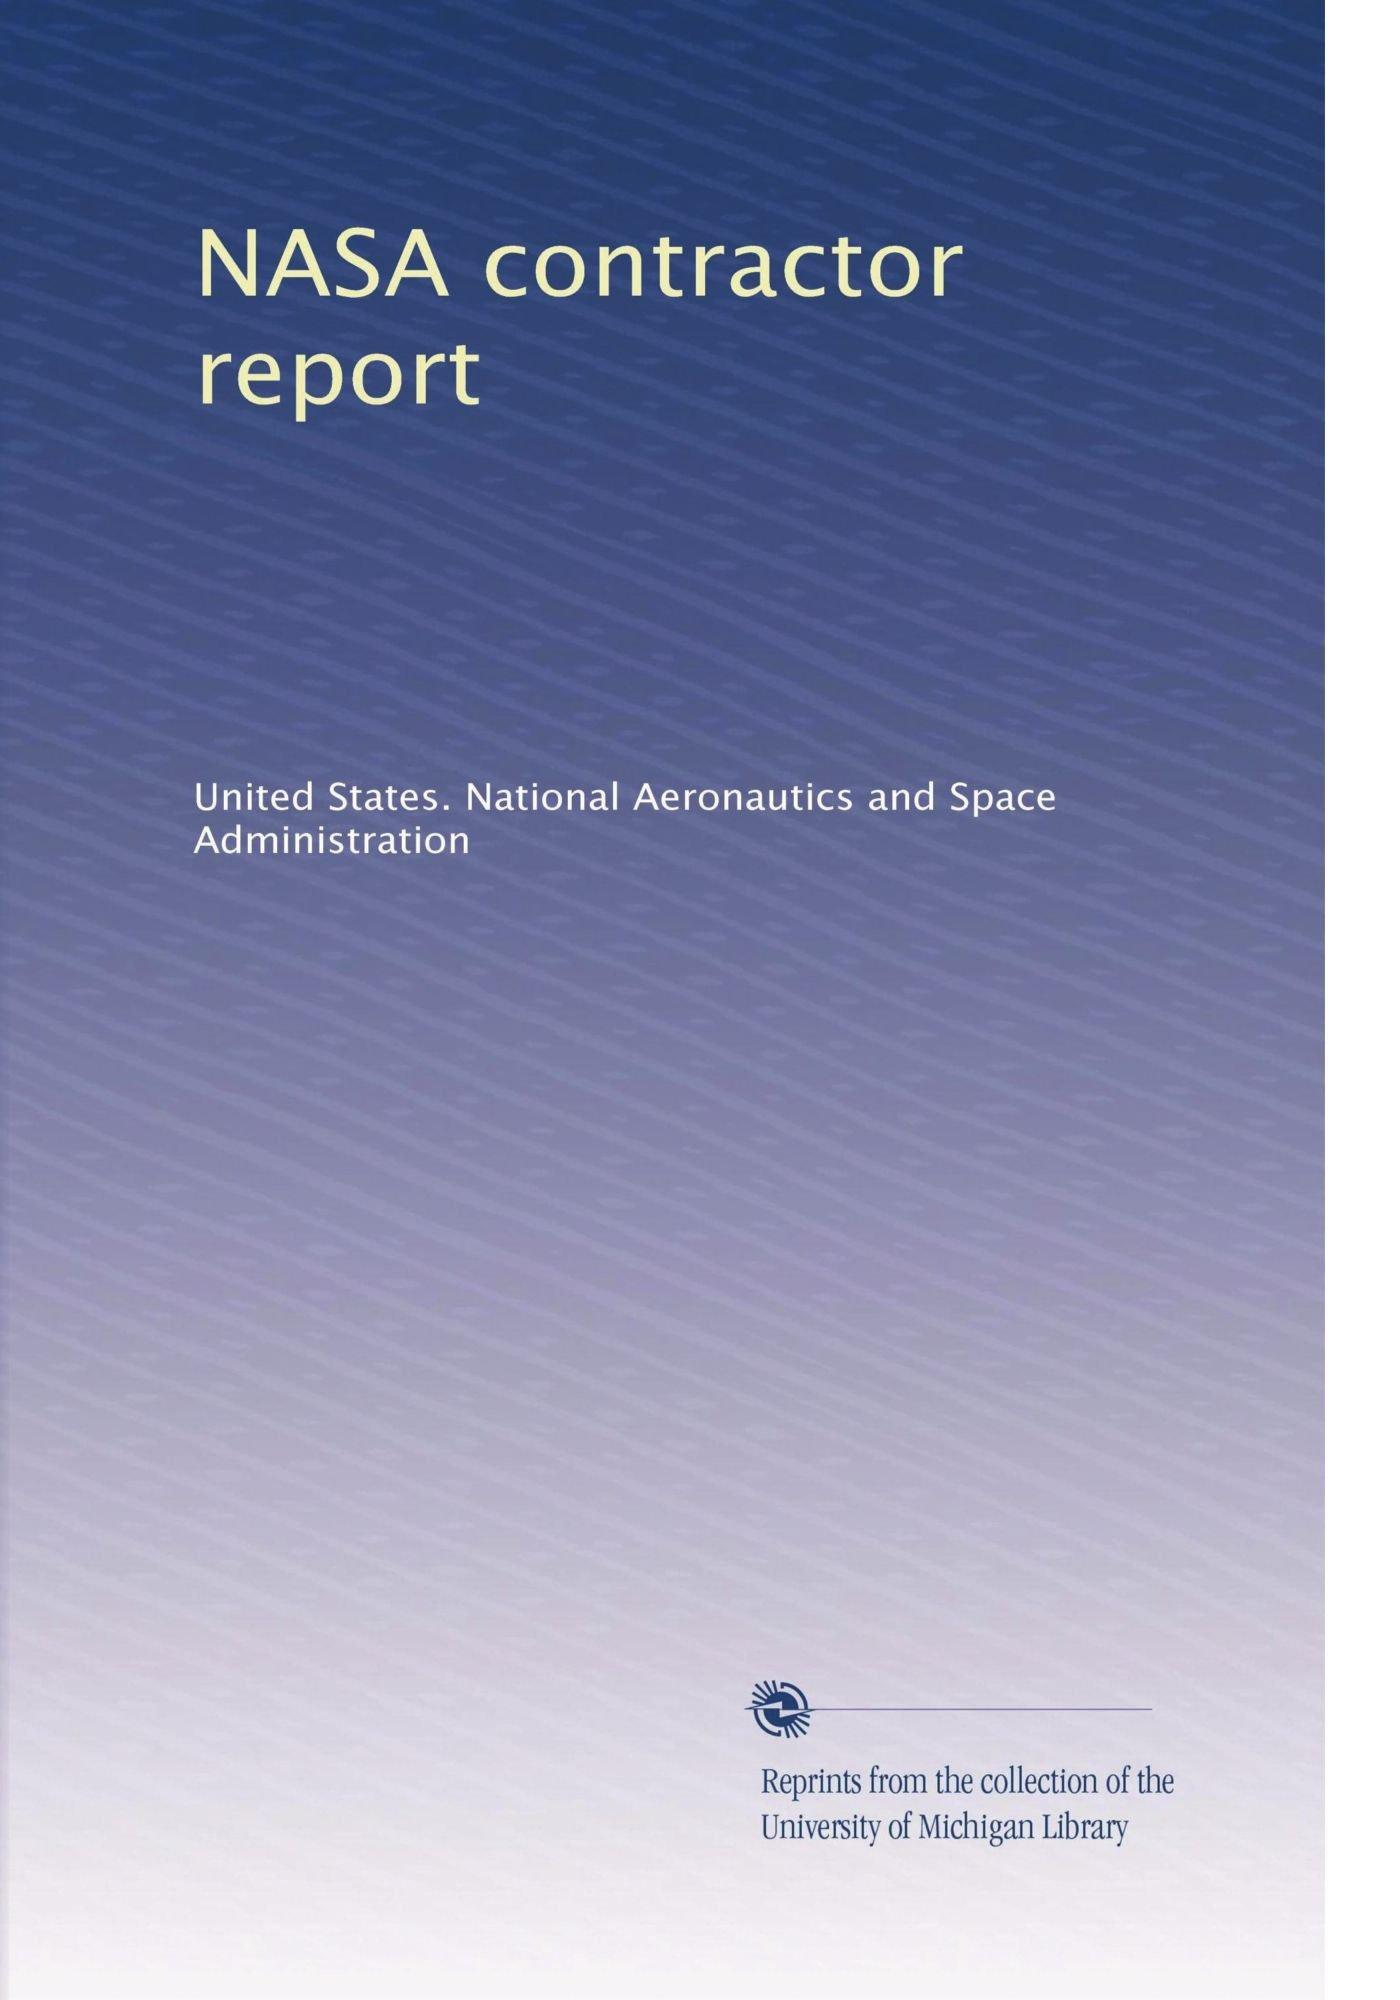 Download NASA contractor report (Volume 51) ebook